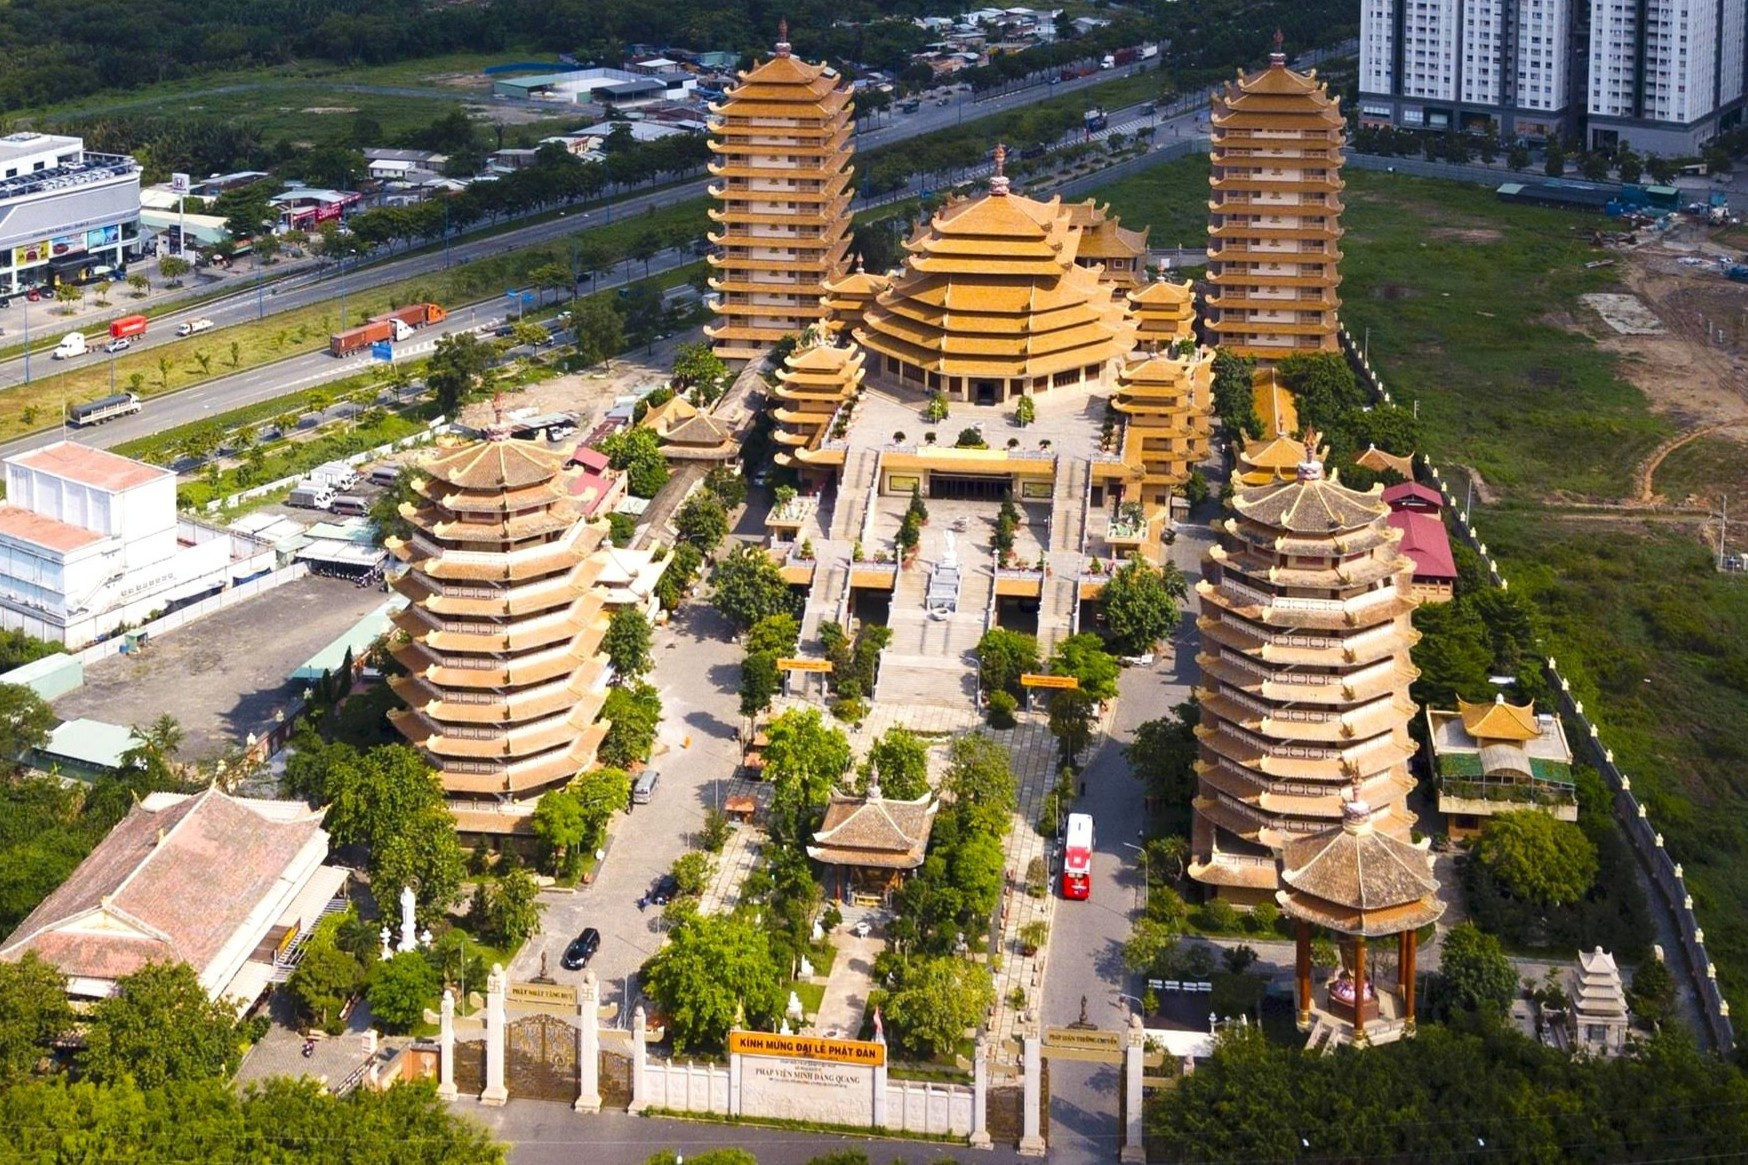 - tinh_xa_2_min_1 - Loạt tháp chùa đạt kỷ lục ở Việt Nam trang tin tức thành phố phú quốc - tinh_xa_2_min_1 - WIKI PHU QUOC || ✅ Trang tin tức Thành Phố Phú Quốc.